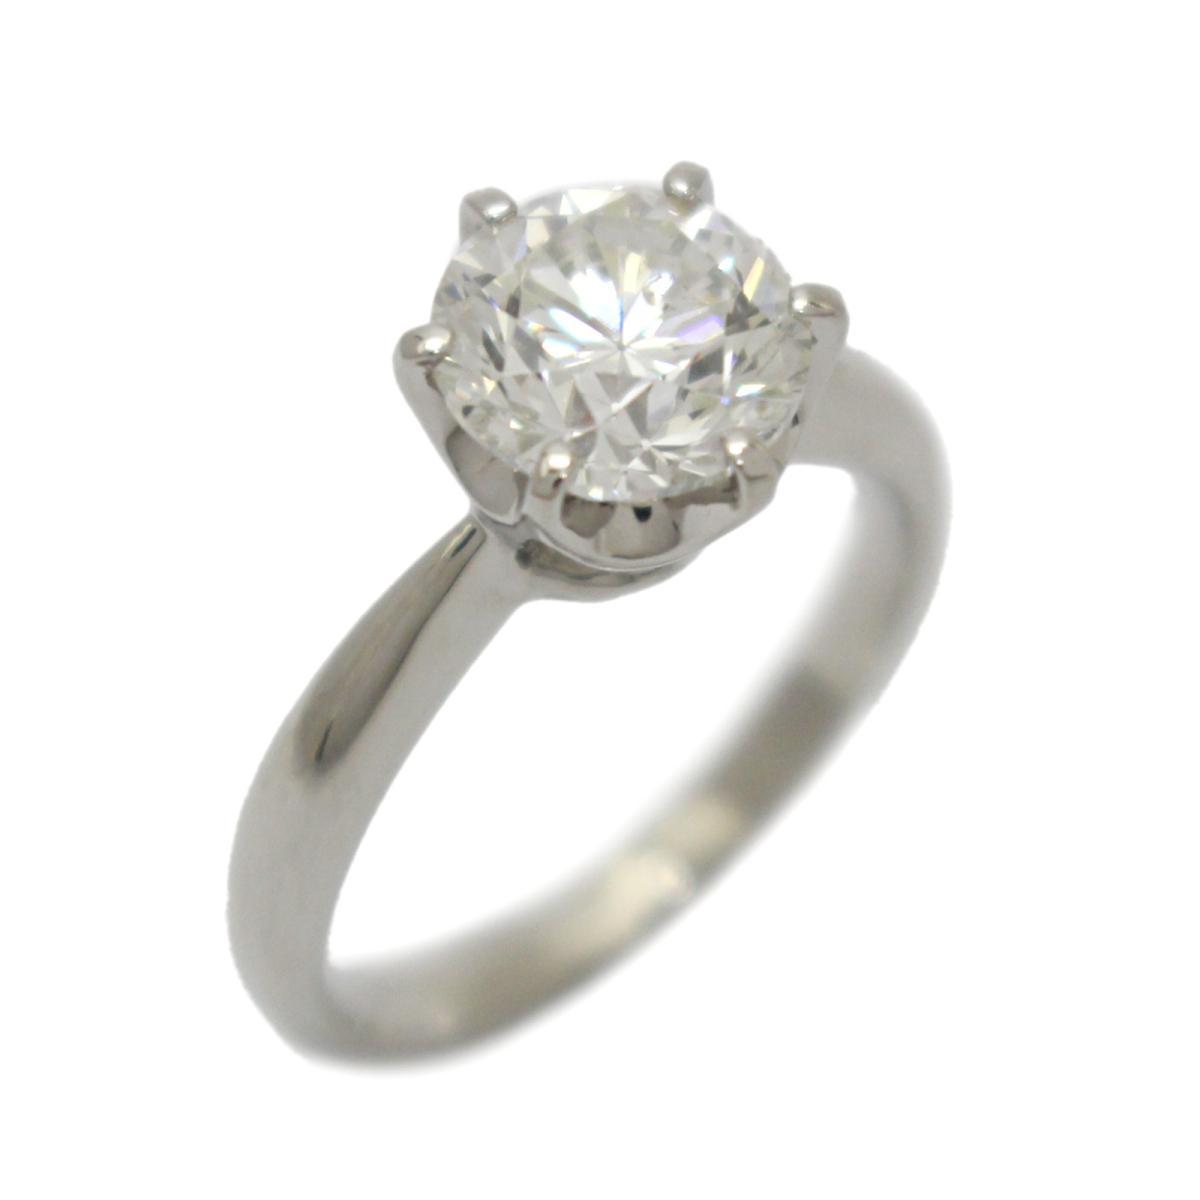 【中古】 ジュエリー ダイヤモンド リング 指輪 レディース PT900 プラチナ x 2.010ct | JEWELRY BRANDOFF ブランドオフ ブランド アクセサリー